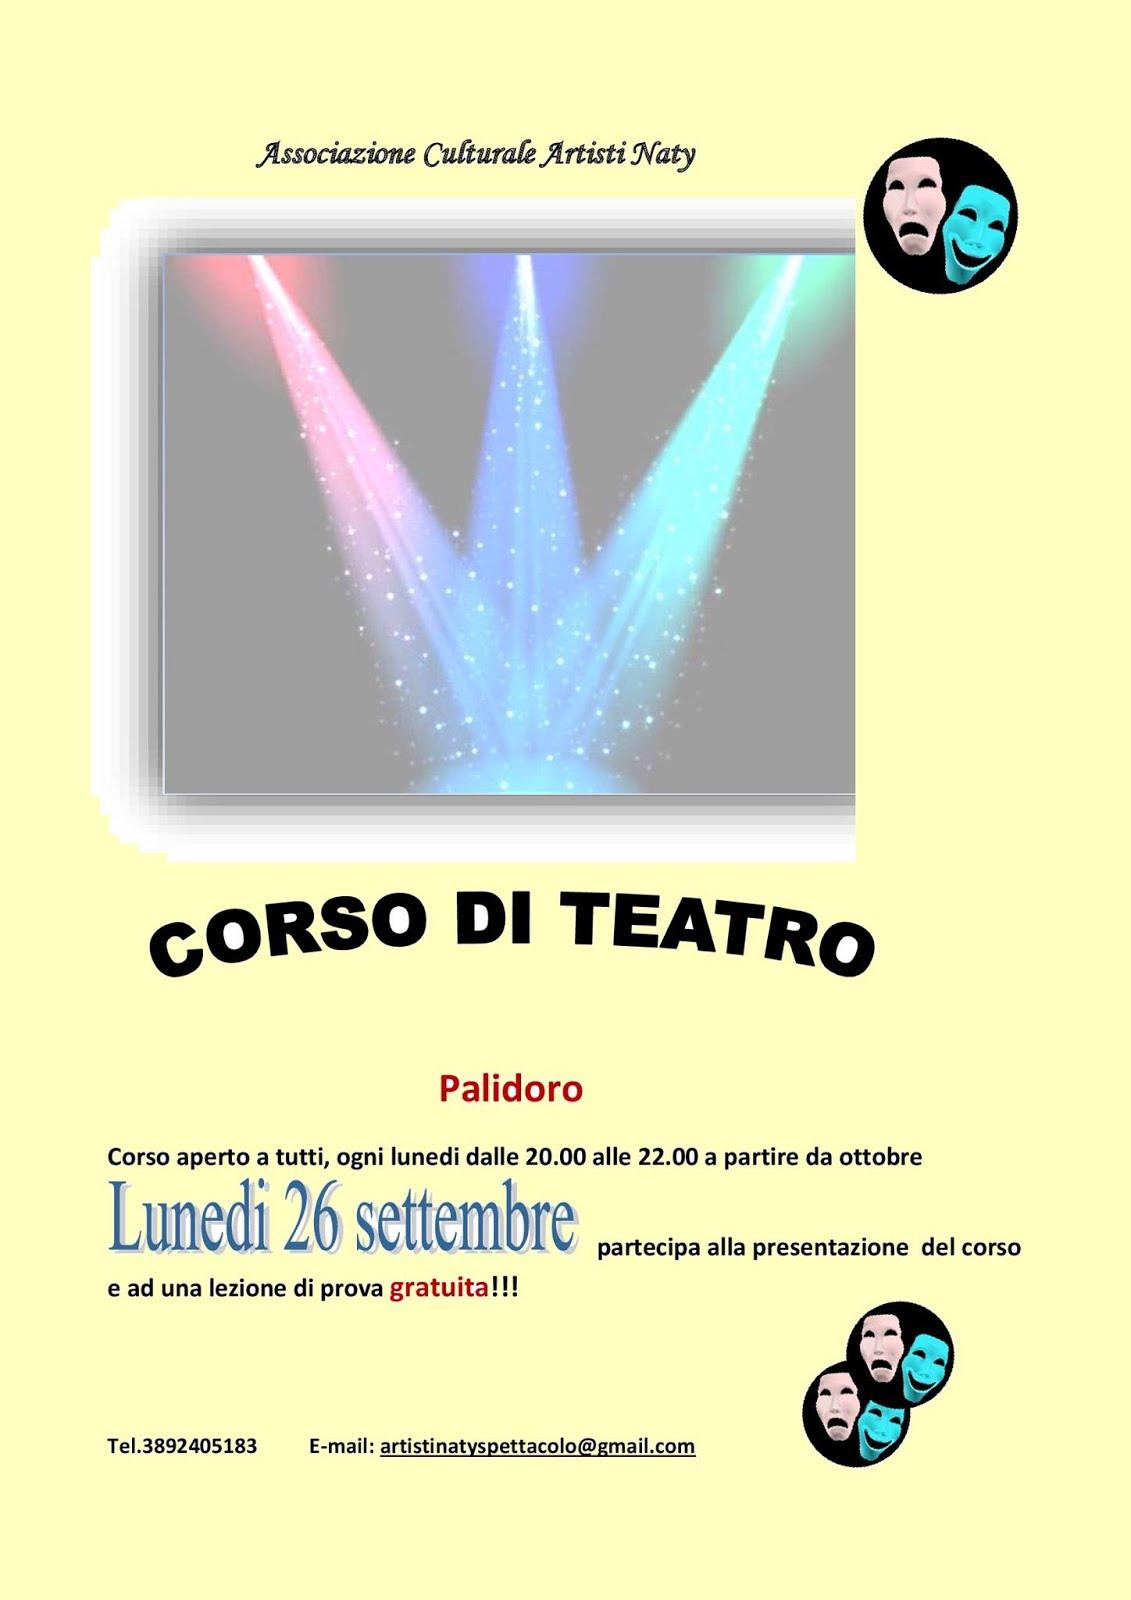 CORSO DI TEATRO A PALIDORO ANNO 2016/2017